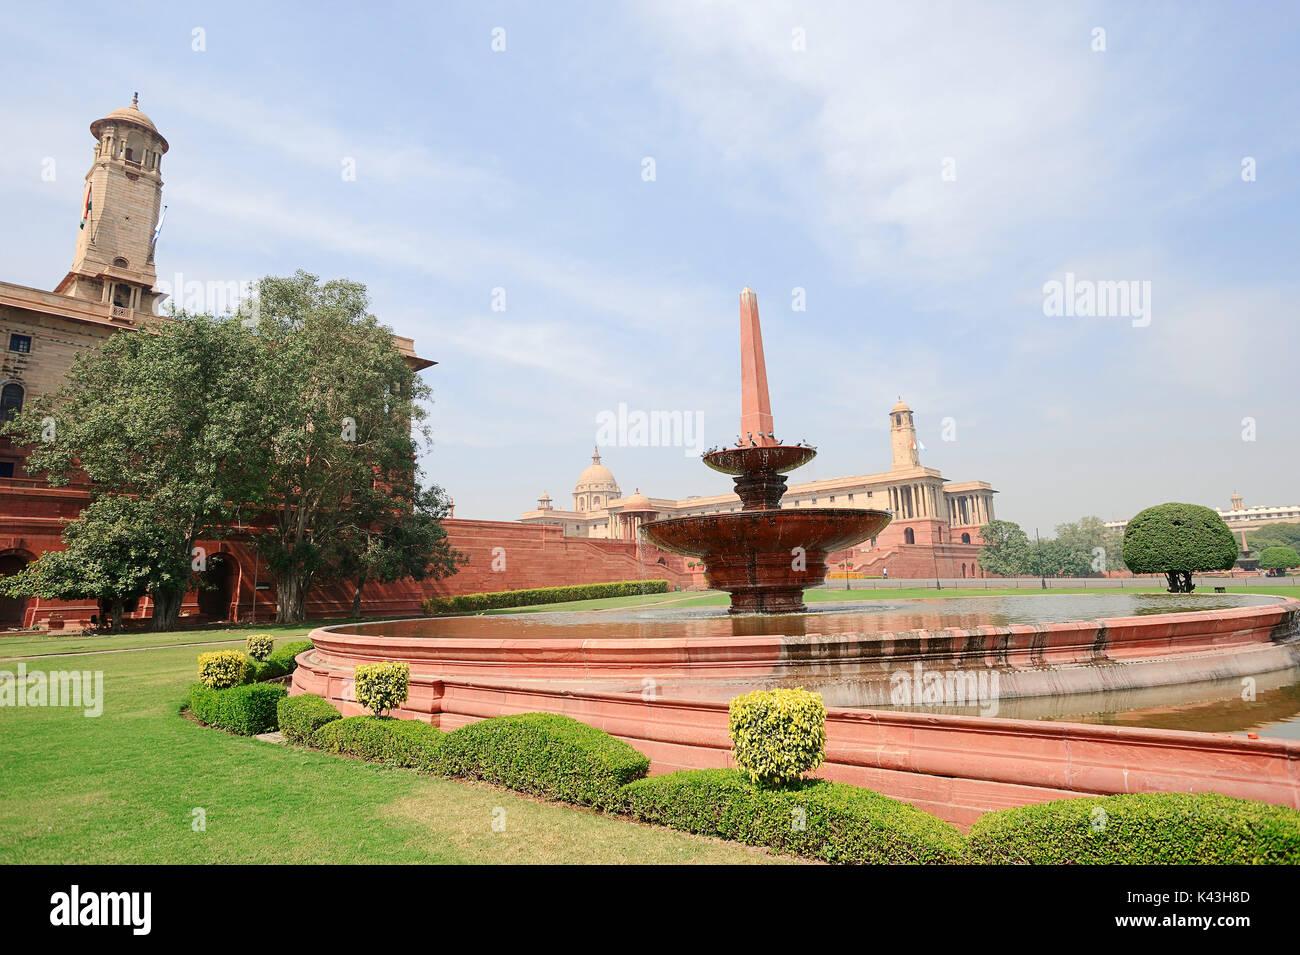 Brunnen und Regierungsgebäude, New Delhi, Indien | Brunnen und Regierungsgebaeude, Neu-Delhi, Indien Stockbild